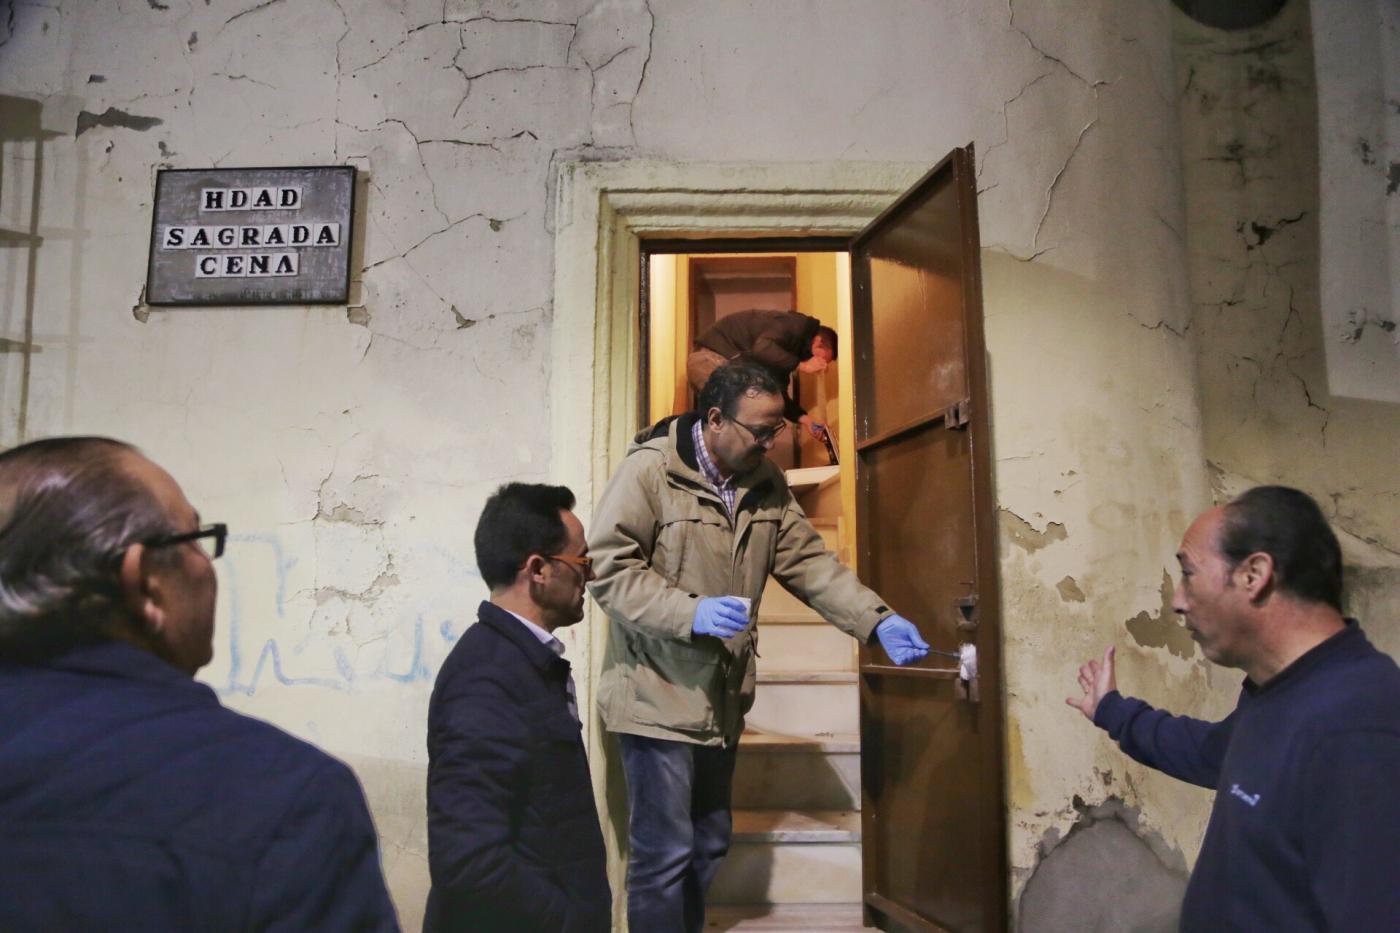 La Policía Científica toma huellas ante la atenta mirada de los hermanos de la Cena y del Presidente del Consejo, Dionisio Díaz / Viva Jerez – Cristo García